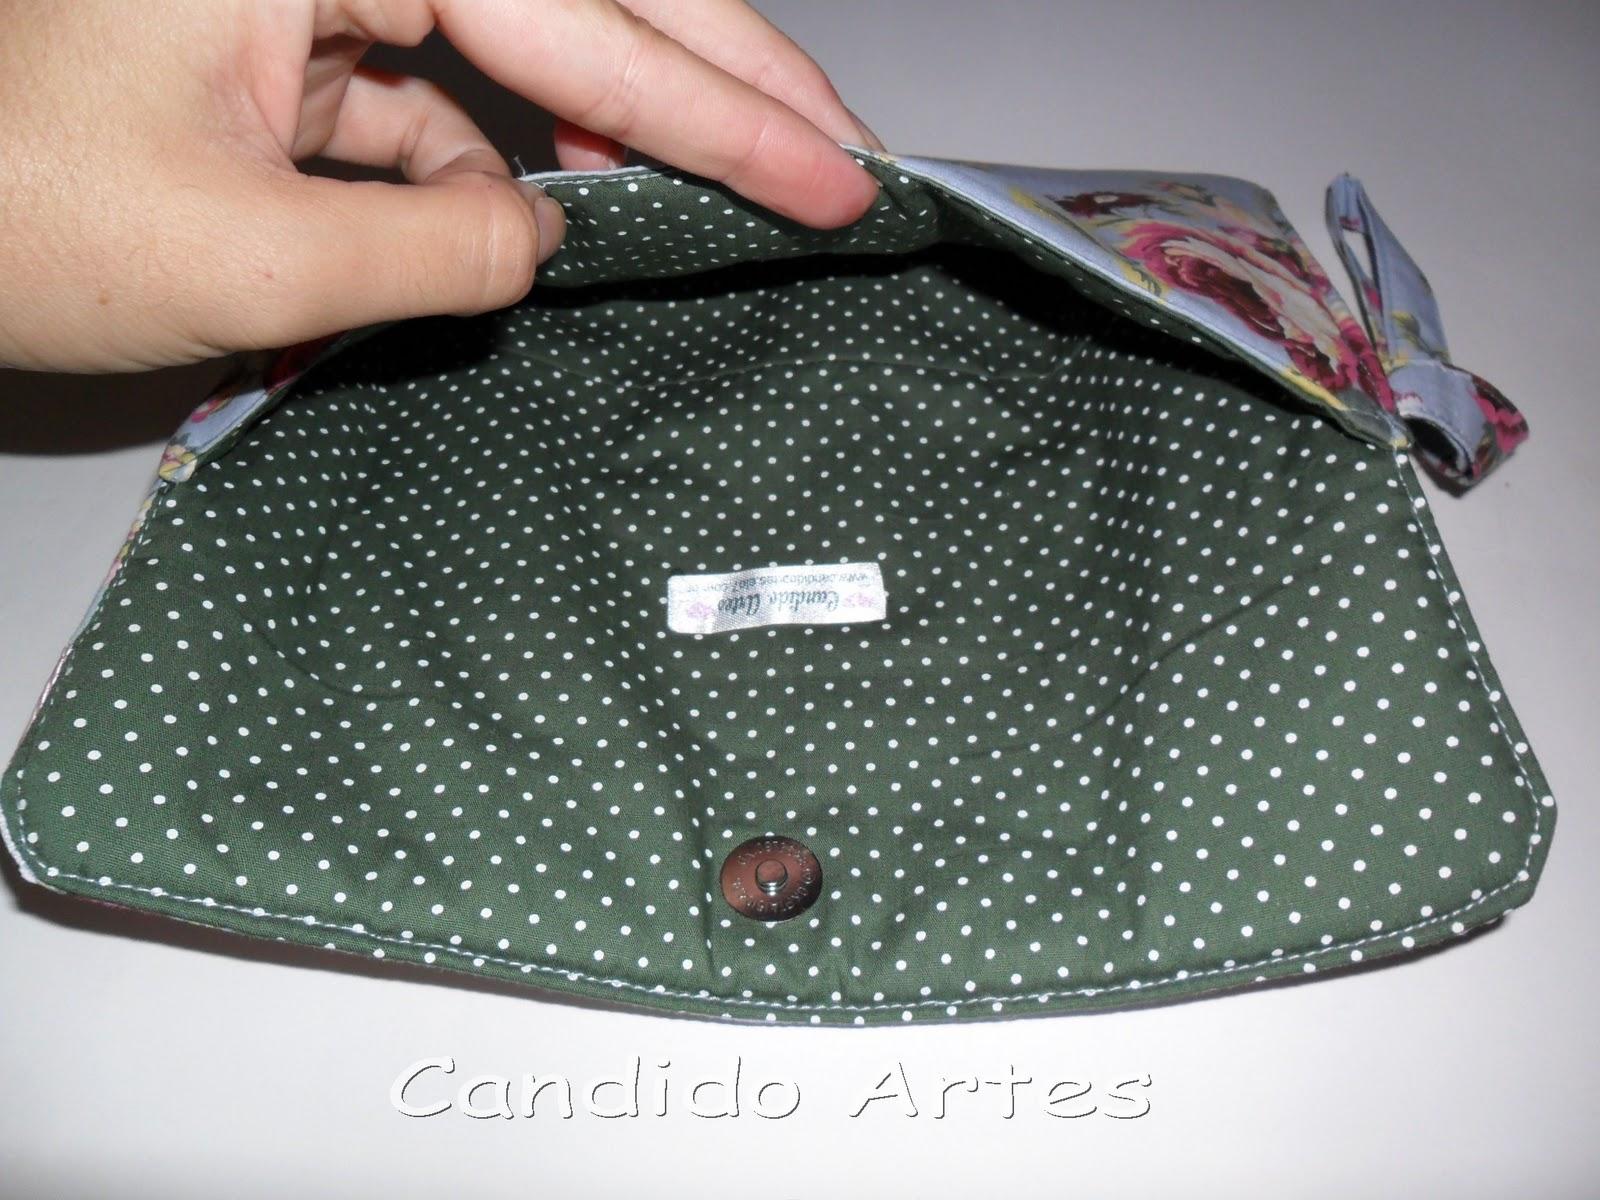 Bolsa De Tecido Com Renda : Artesanato candido artes bolsa de m?o carteira tecido